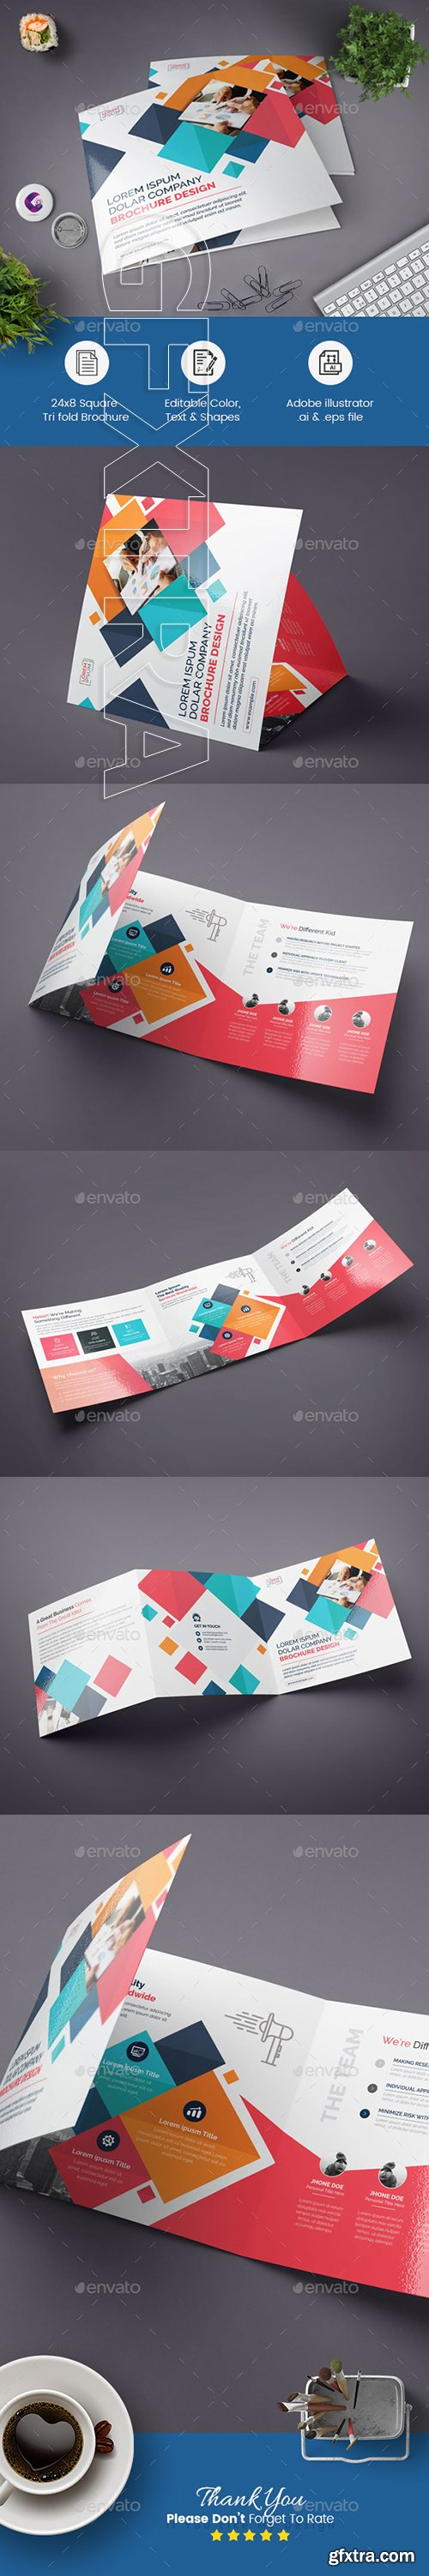 GraphicRiver - Square Tri-fold Brochure 22563131